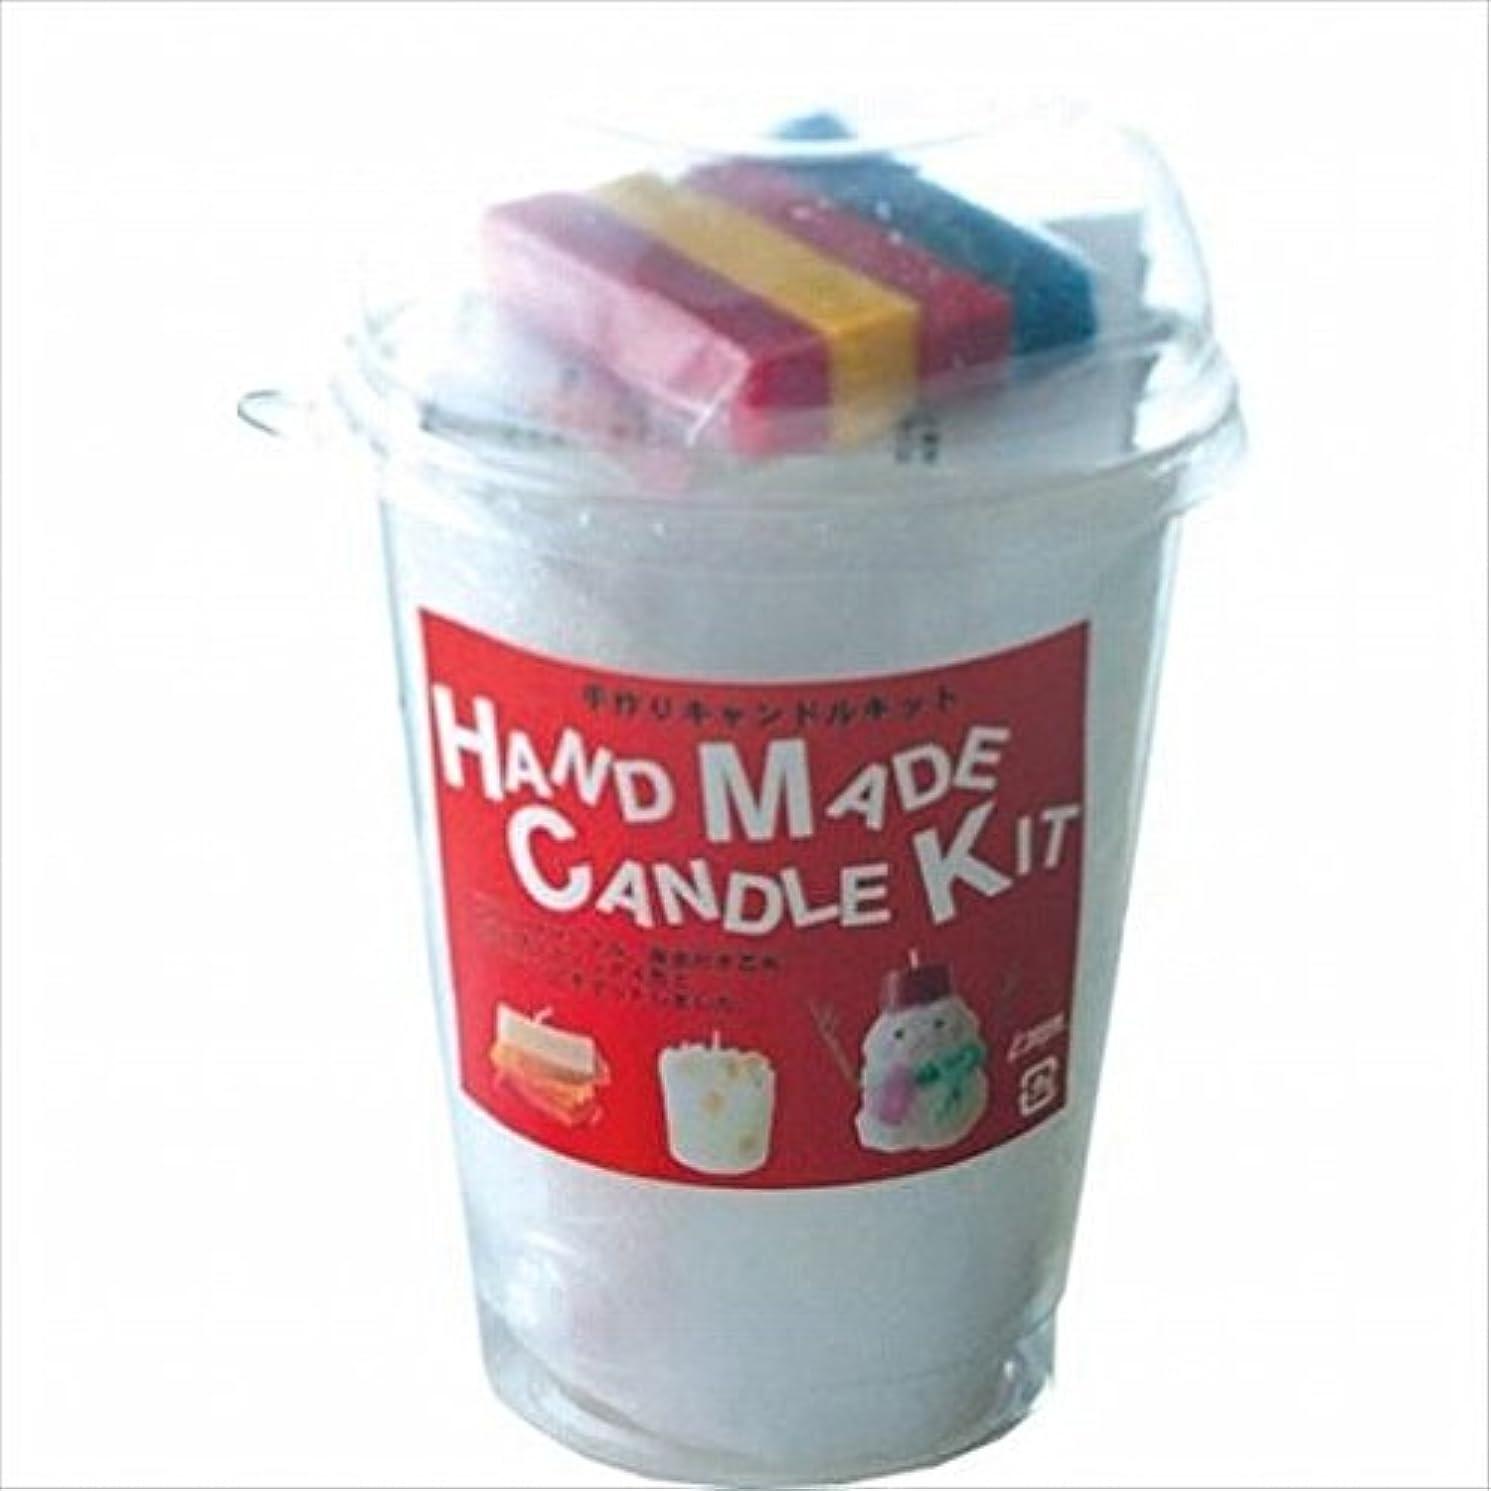 ユーザーエイズ加速度kameyama candle(カメヤマキャンドル) 手作りキャンドルキット(A1030000)